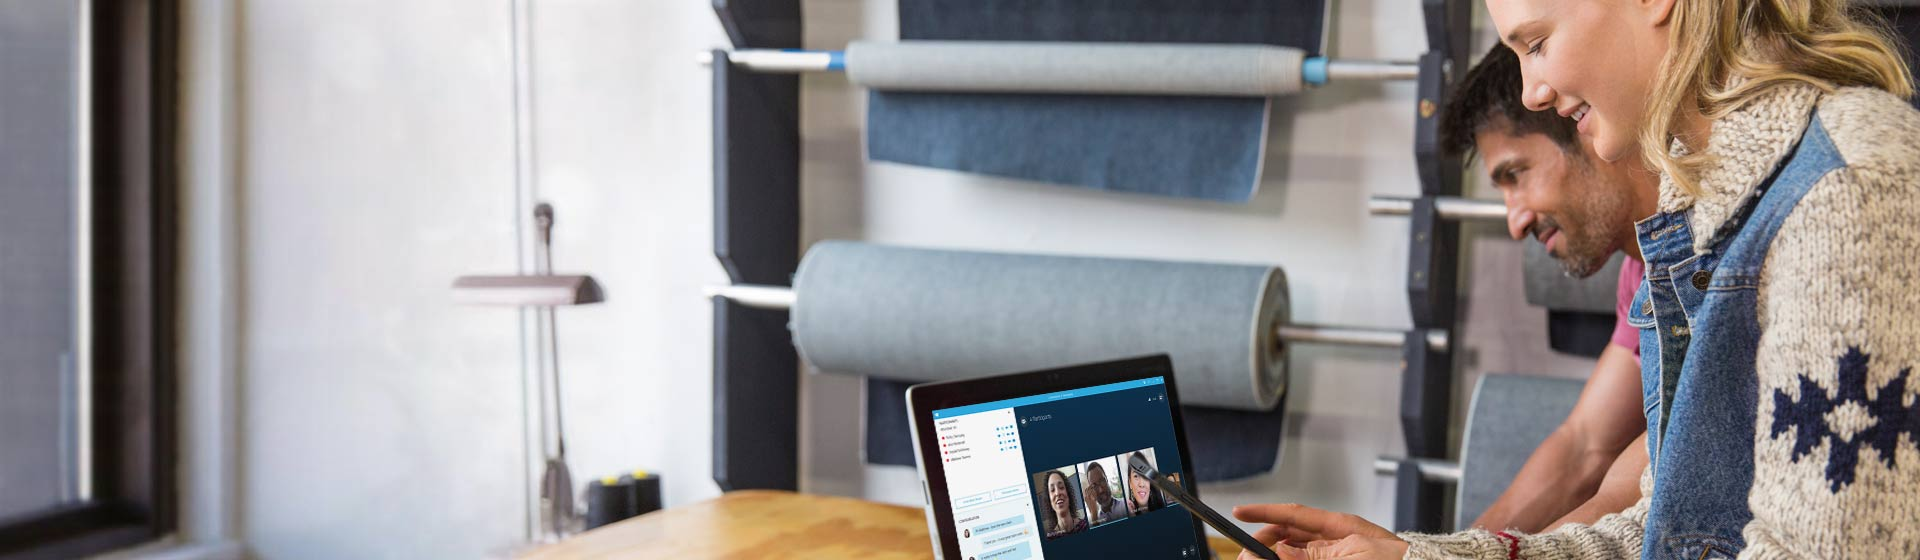 Un homme et une femme utilisant Réunions Skype sur une tablette; la femme a un téléphone à la main